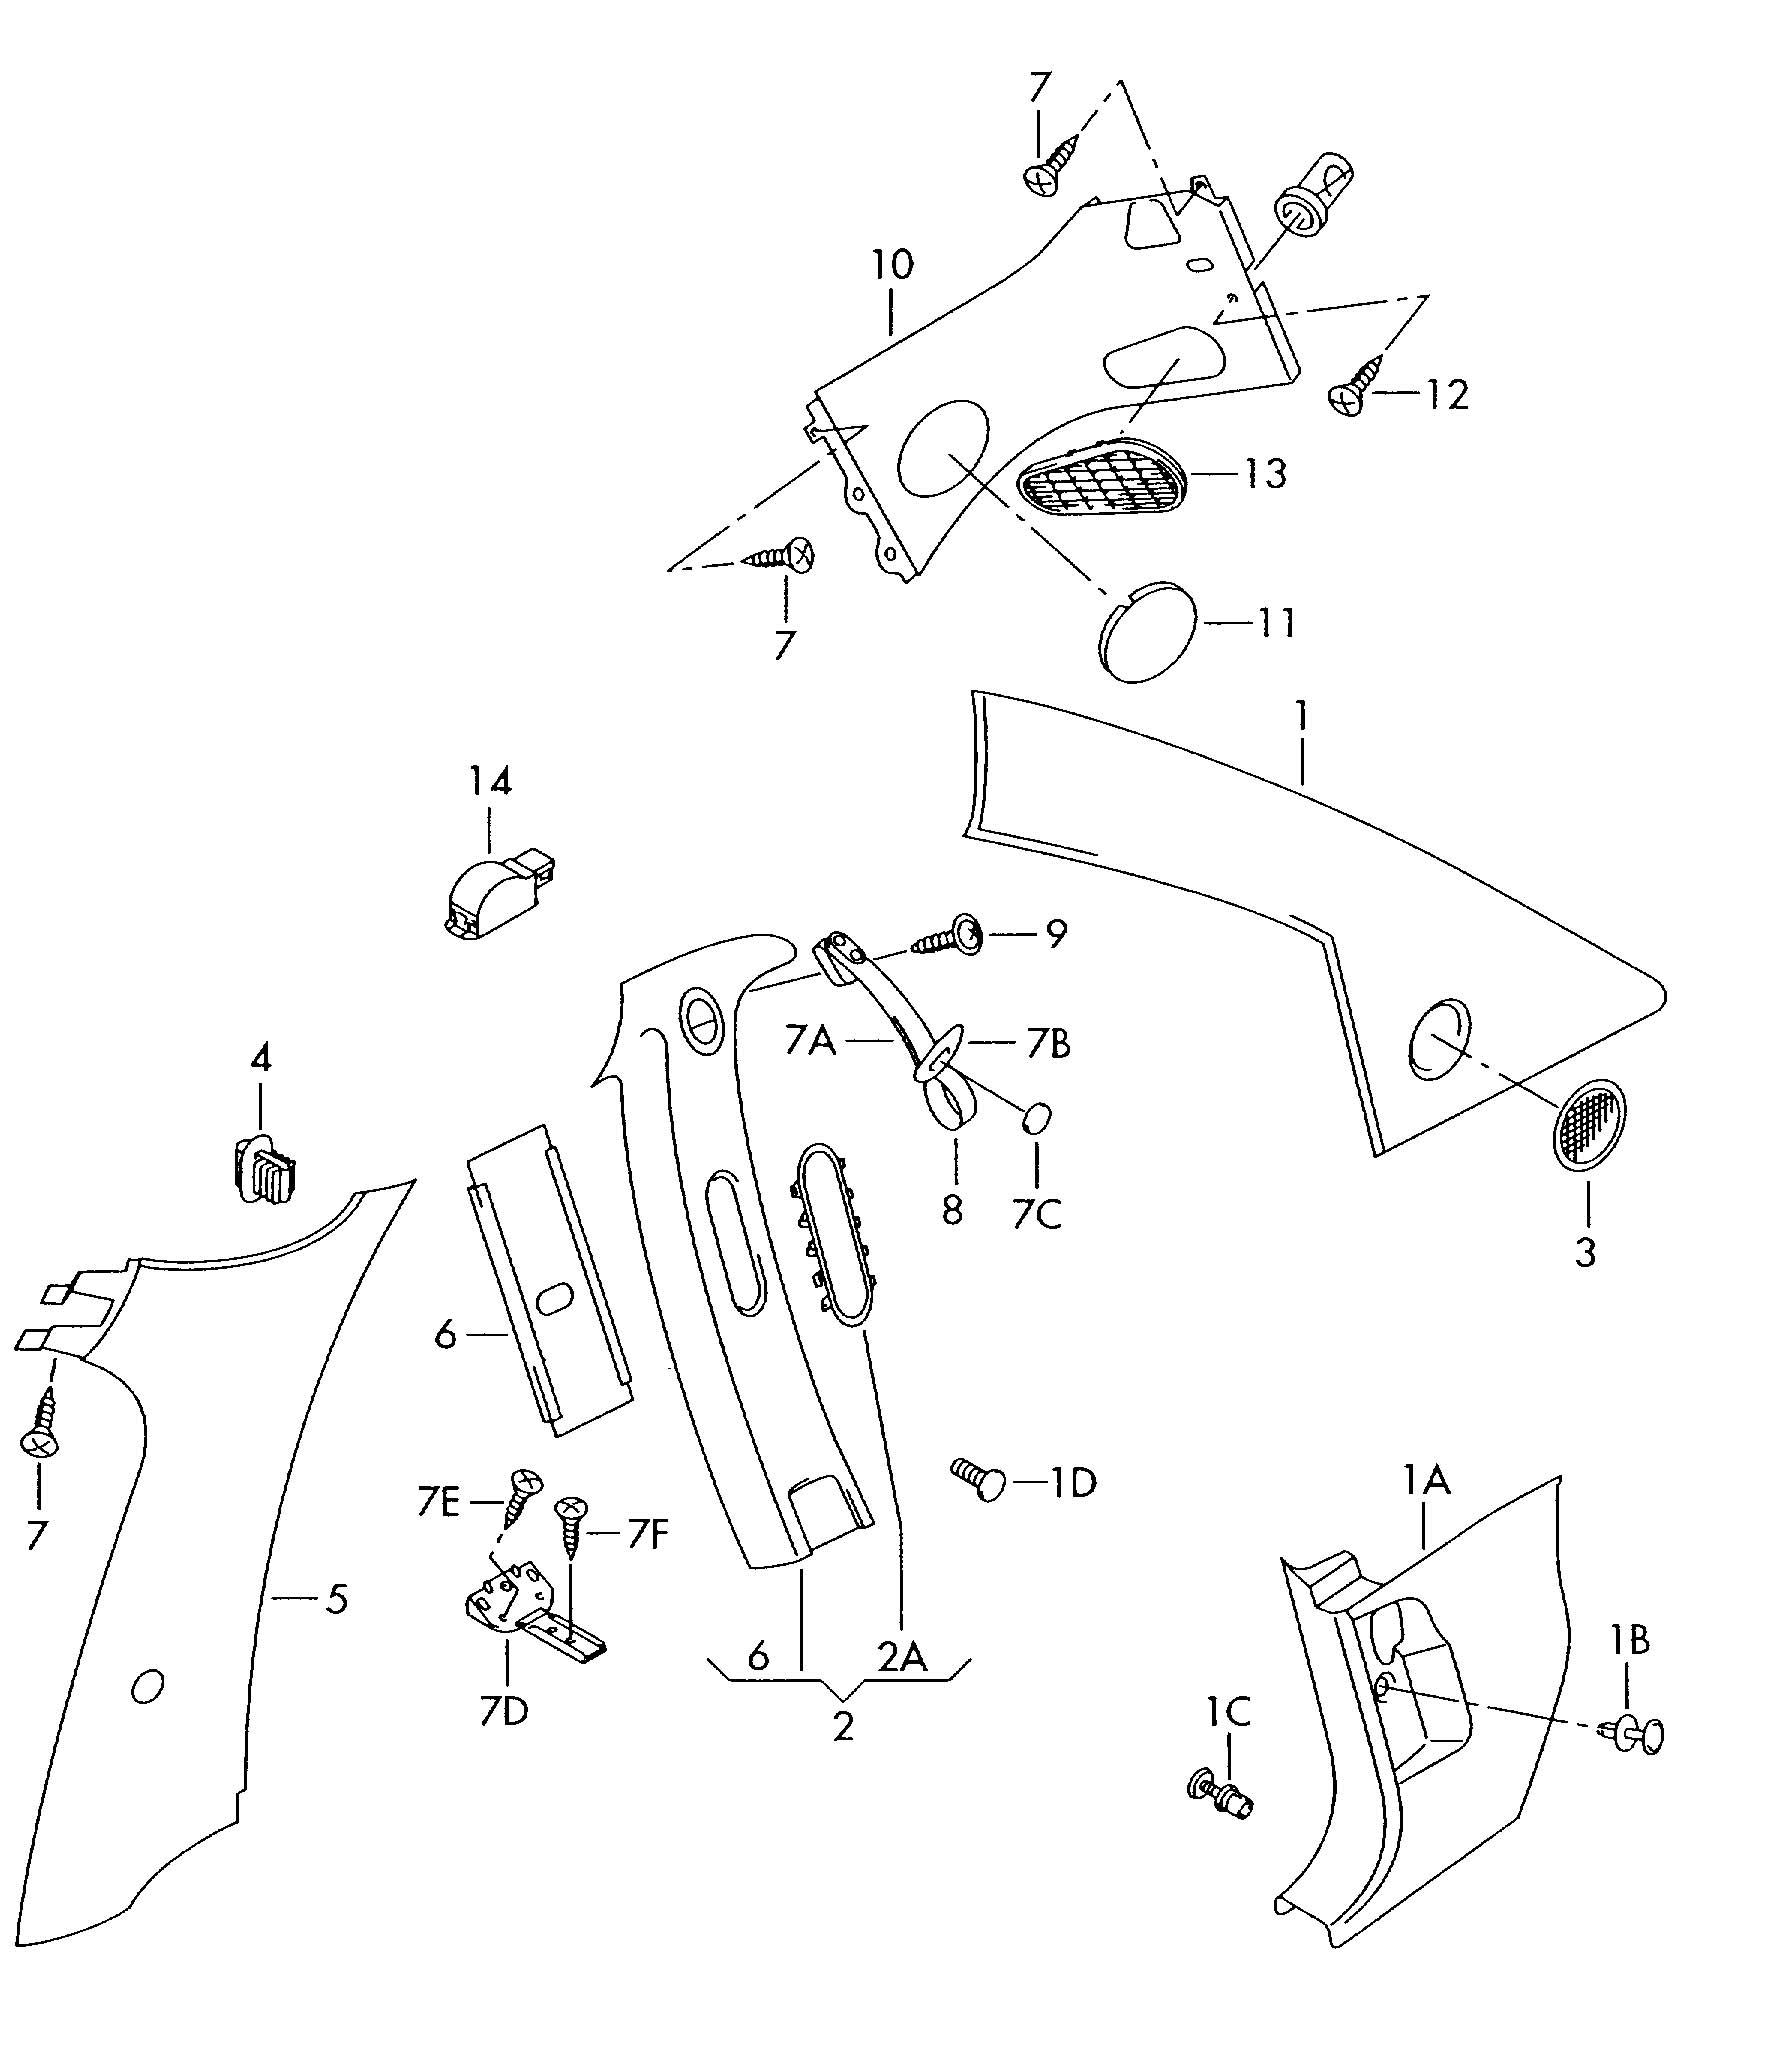 hyundai entourage parts diagram html